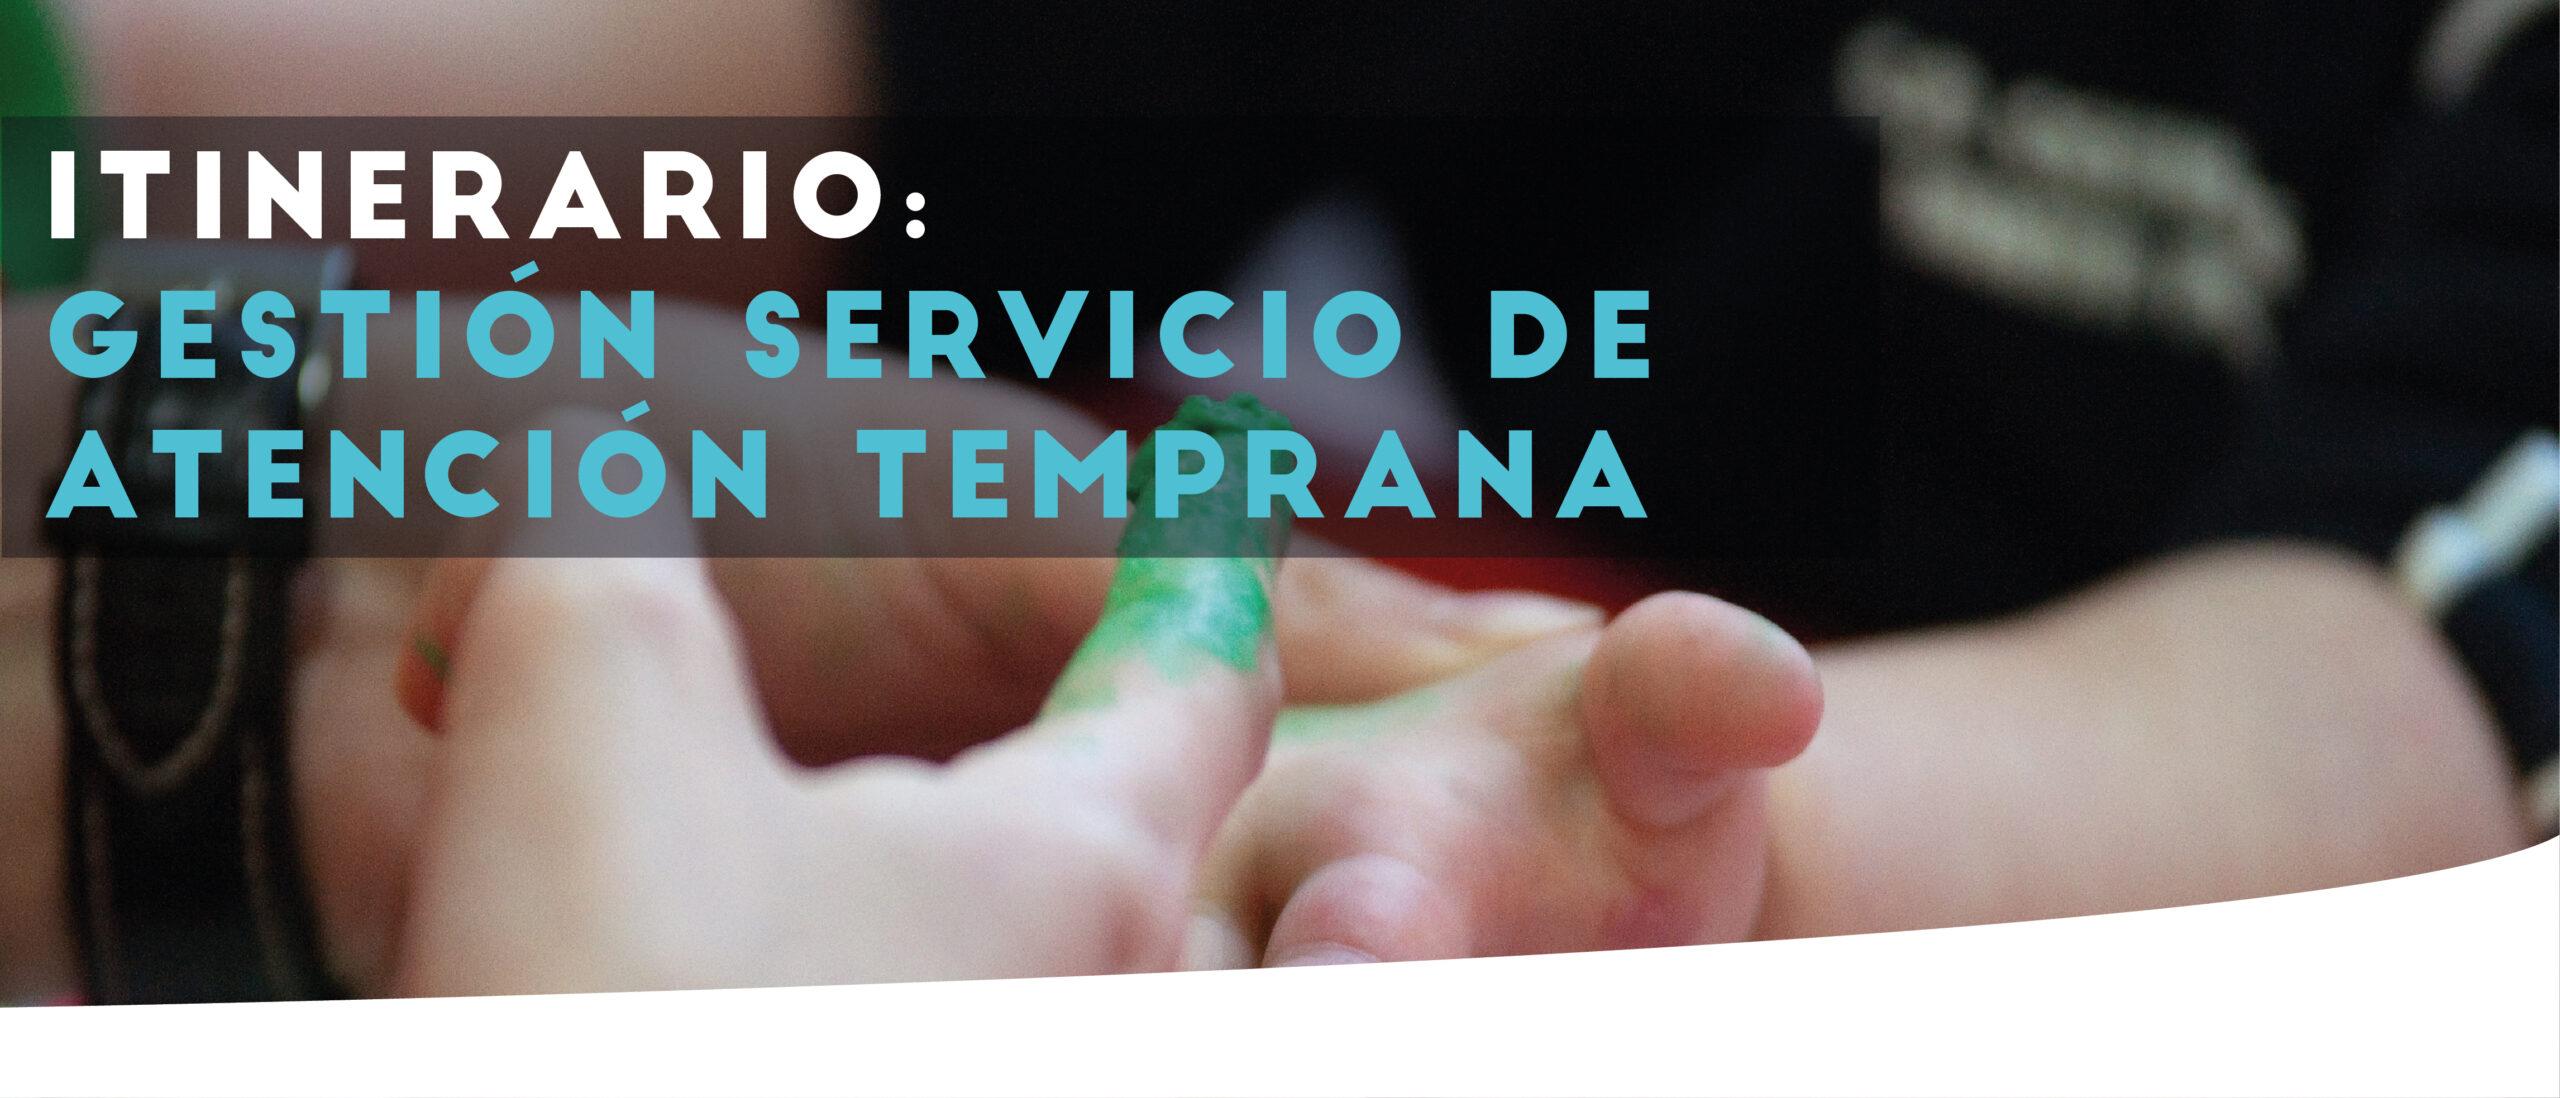 Gestión Servicio AT